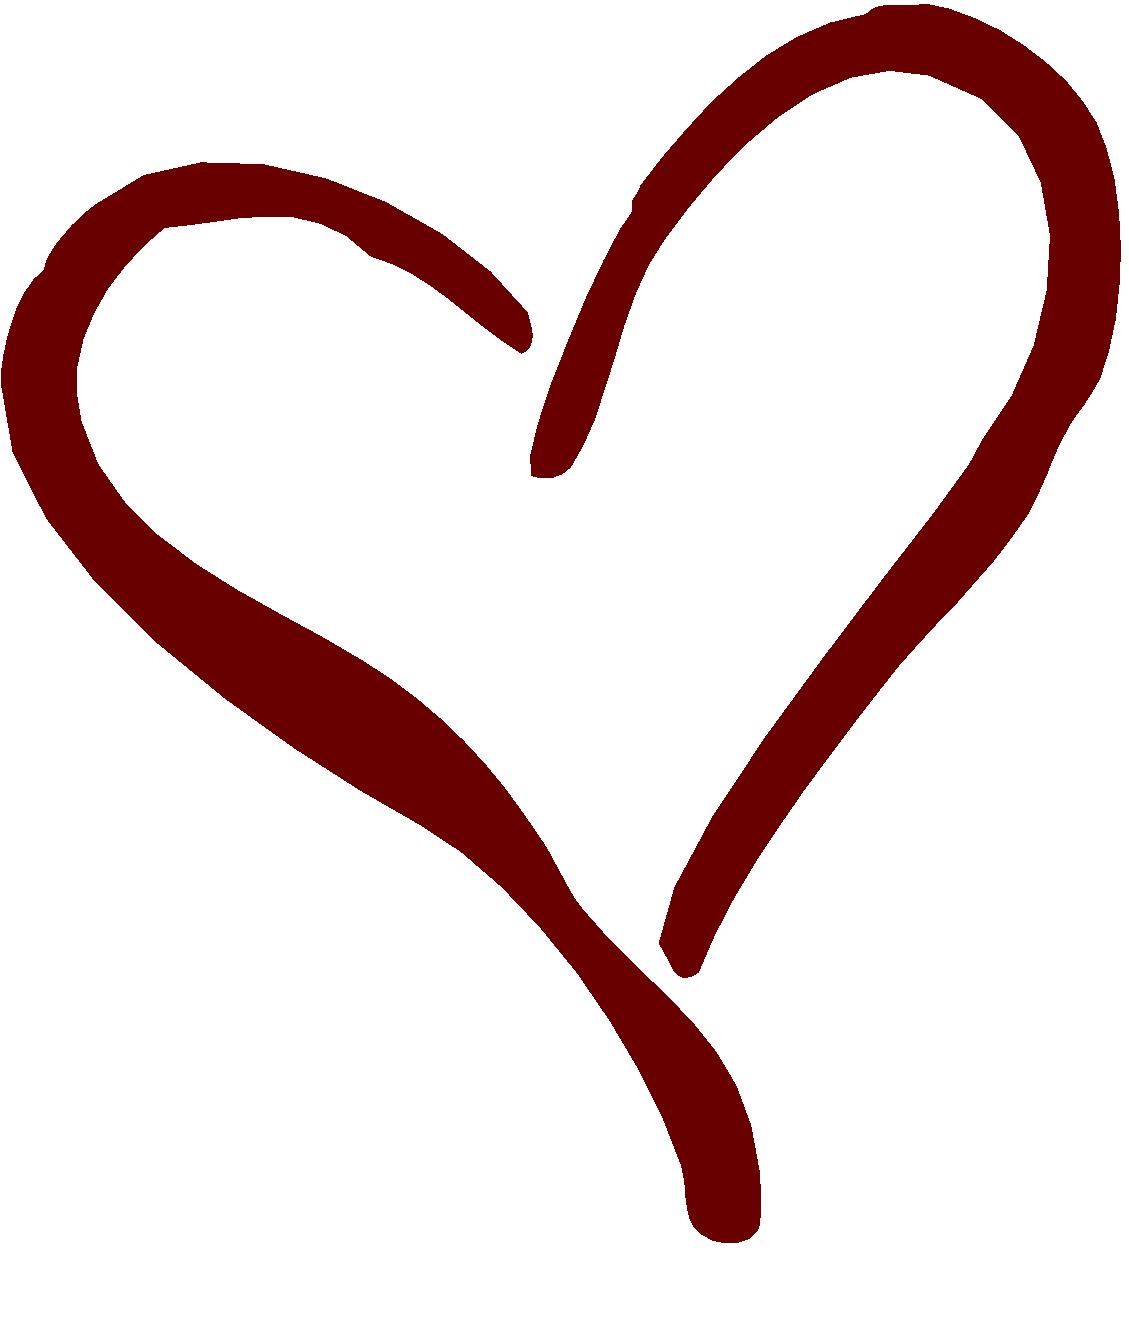 Hearts clipart script. Fancy black heart free